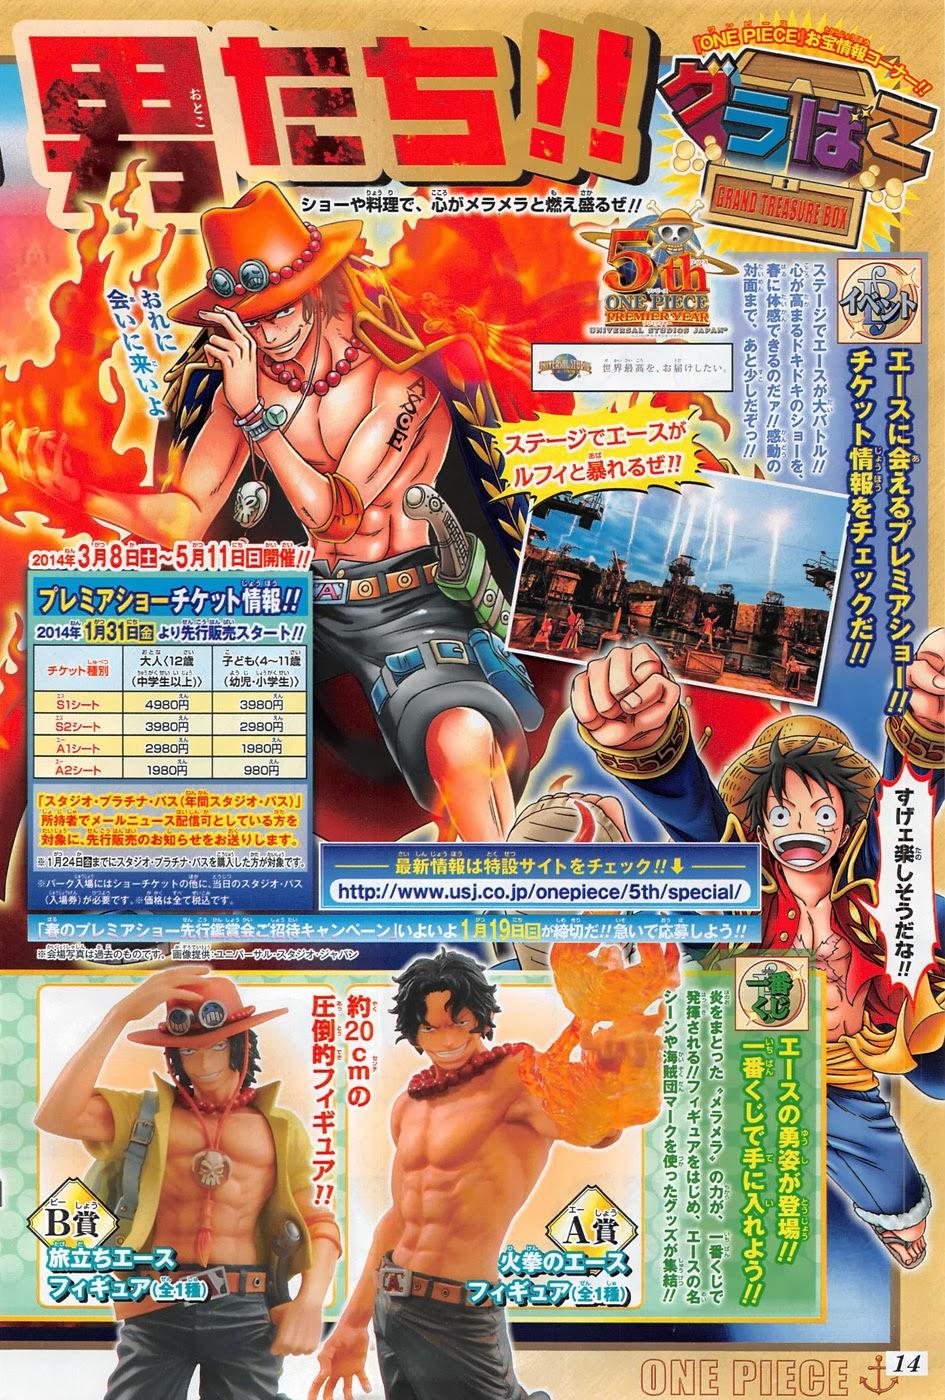 One Piece Chapter 733: Ước nguyện của anh lính chì 019